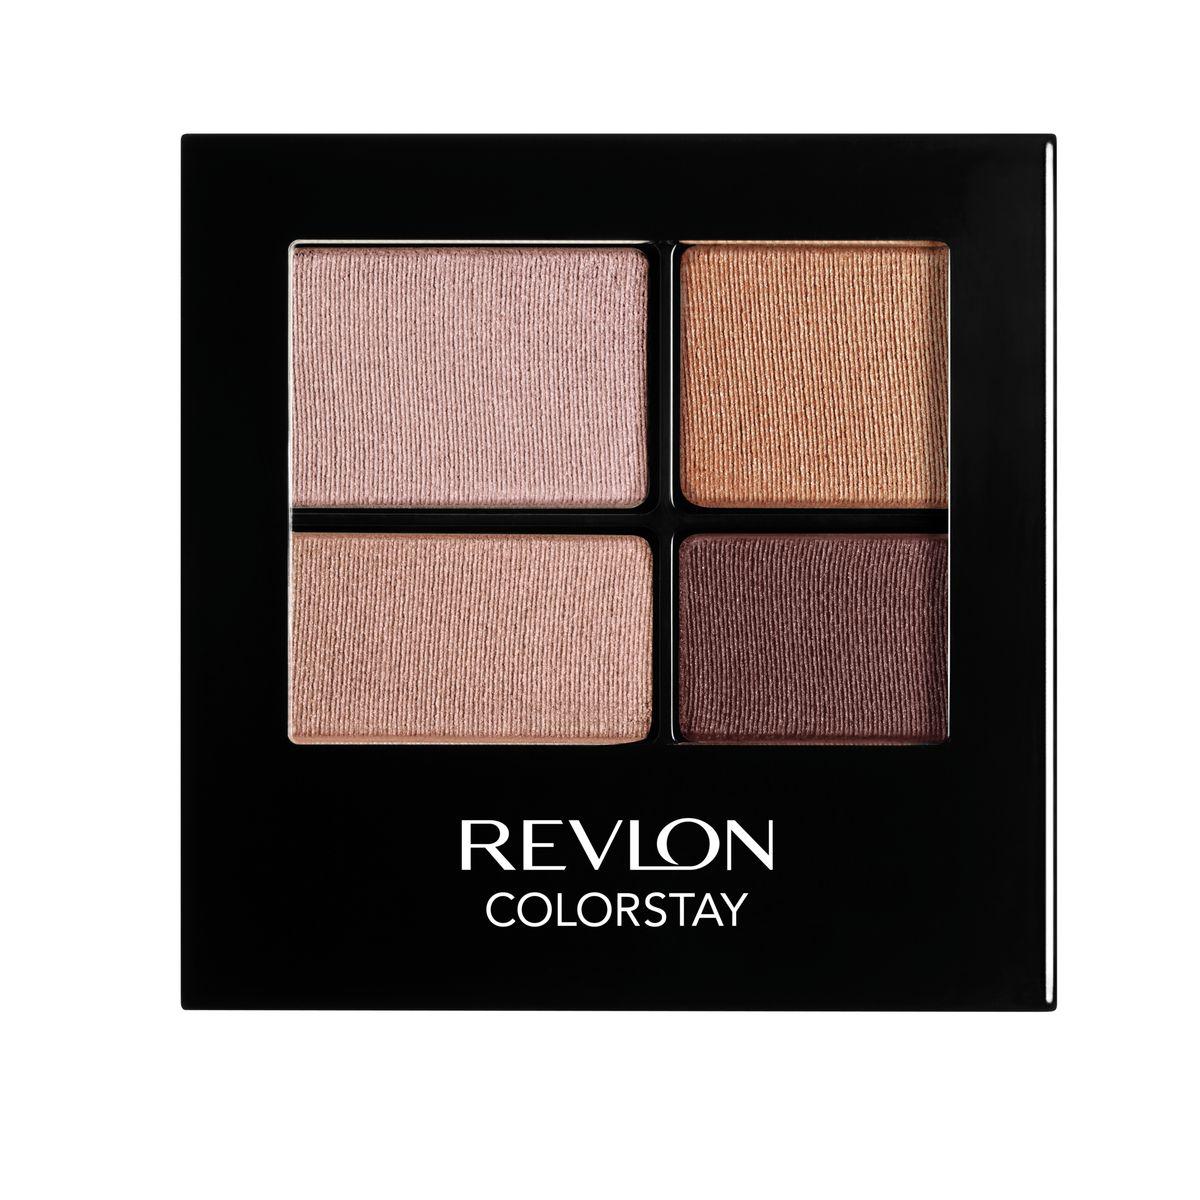 Revlon Тени для Век Четырехцветные Colorstay Eye16 Hour Eye Shadow Quad Decadente 505 42 г7210767002Colorstay 16 Hour Shadow - роскошные тени для век с шелковистой текстурой и невероятно стойкой формулой. Теперь ваш макияж сохранит свой безупречный вид не менее 16 часов! Все оттенки гармонично сочетаются друг с другом и легко смешиваются, позволяя создать бесконечное количество вариантов макияжа глаз: от нежных, естественных, едва заметных до ярких, выразительных, драматических. На оборотной стороне продукта приведена схема нанесения теней.